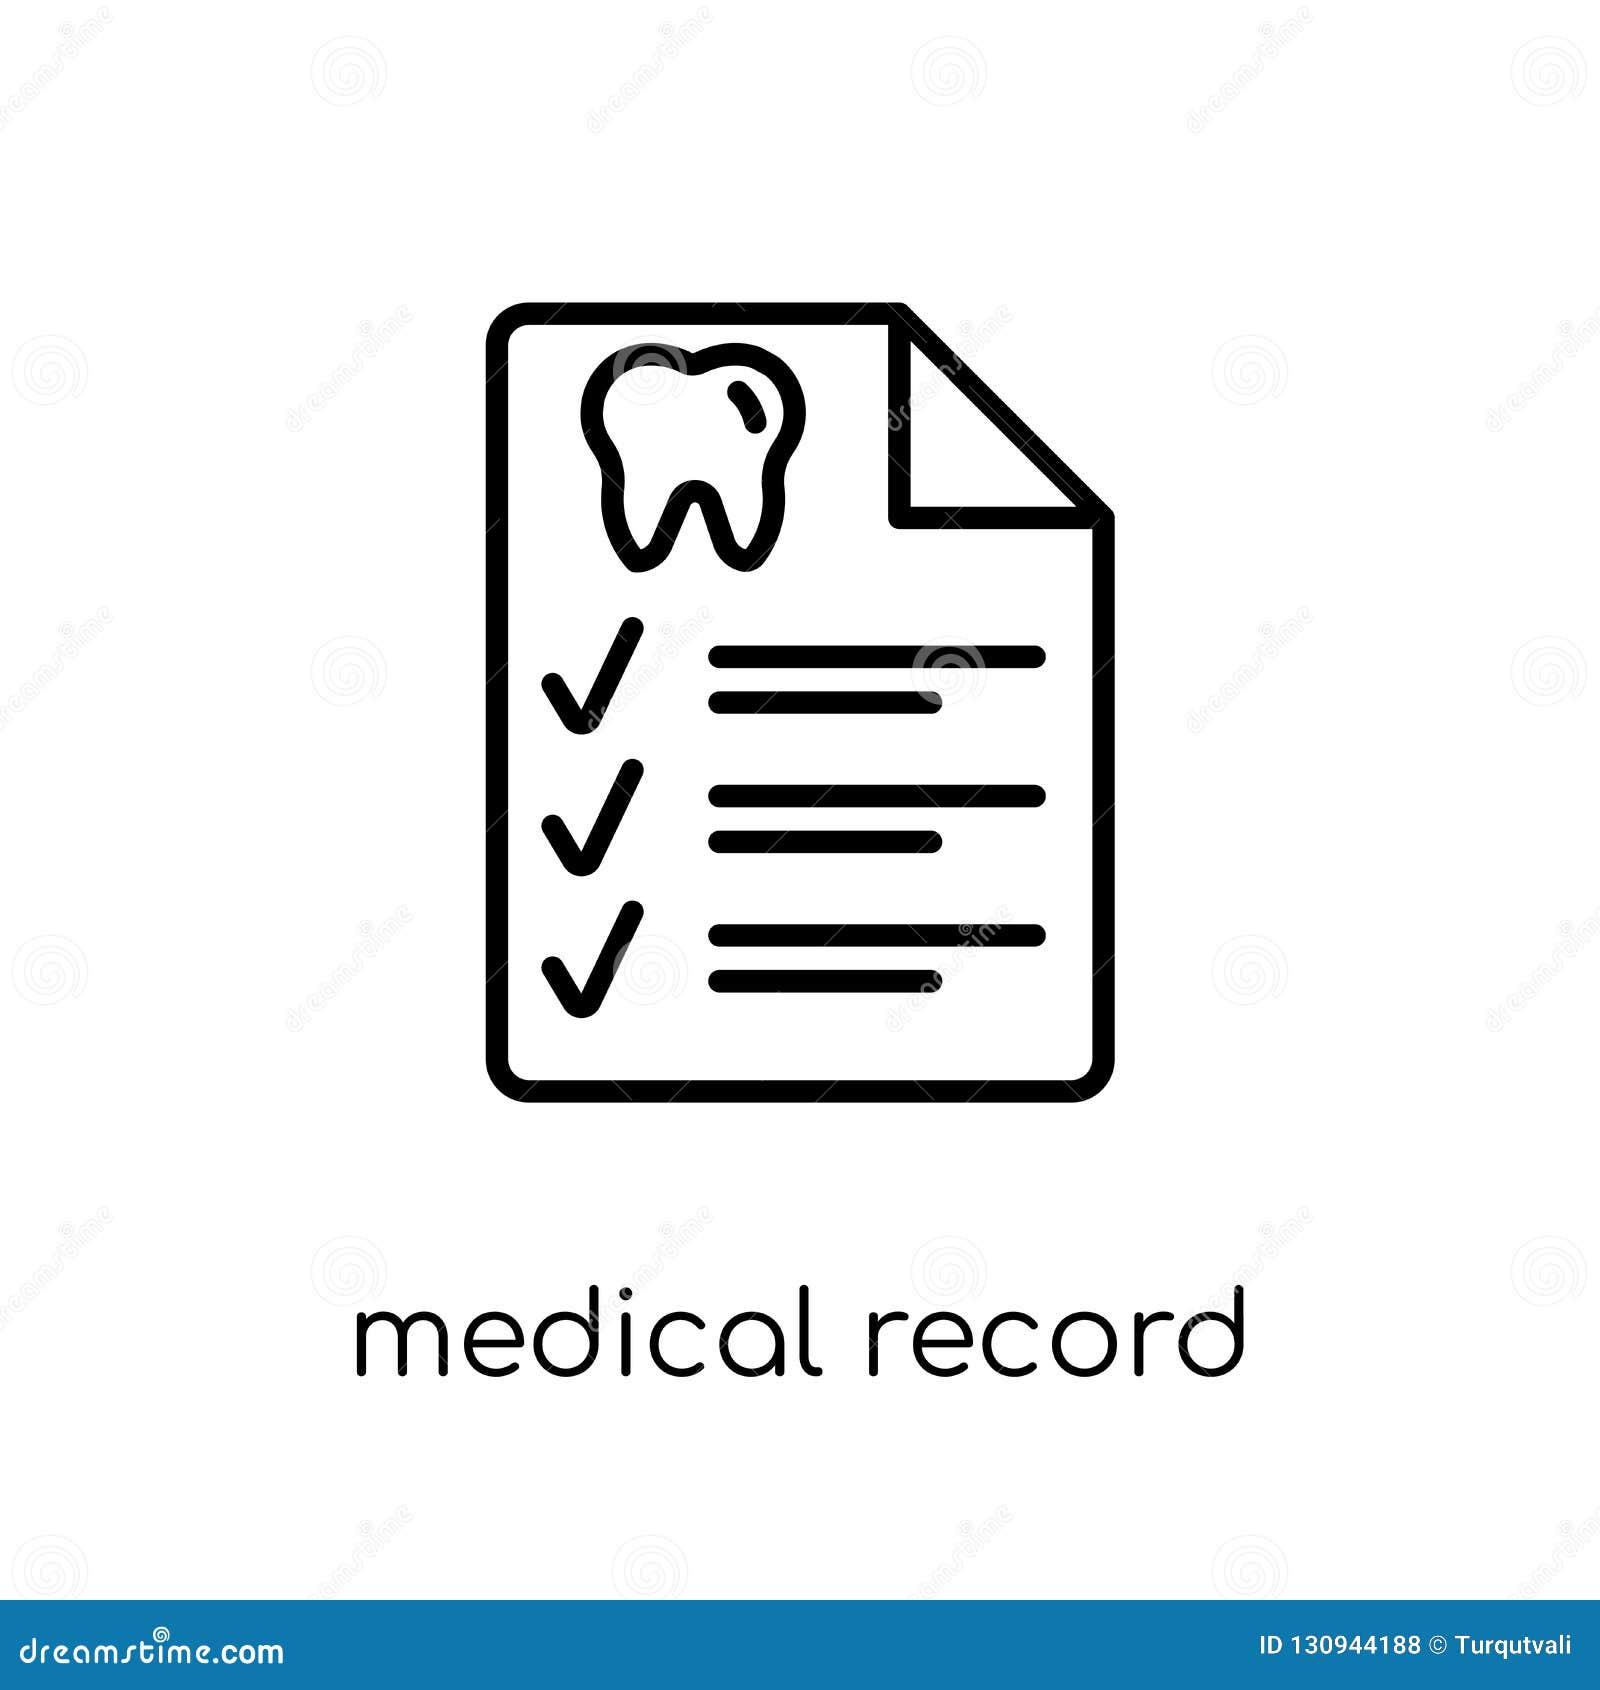 Icône de disque médical